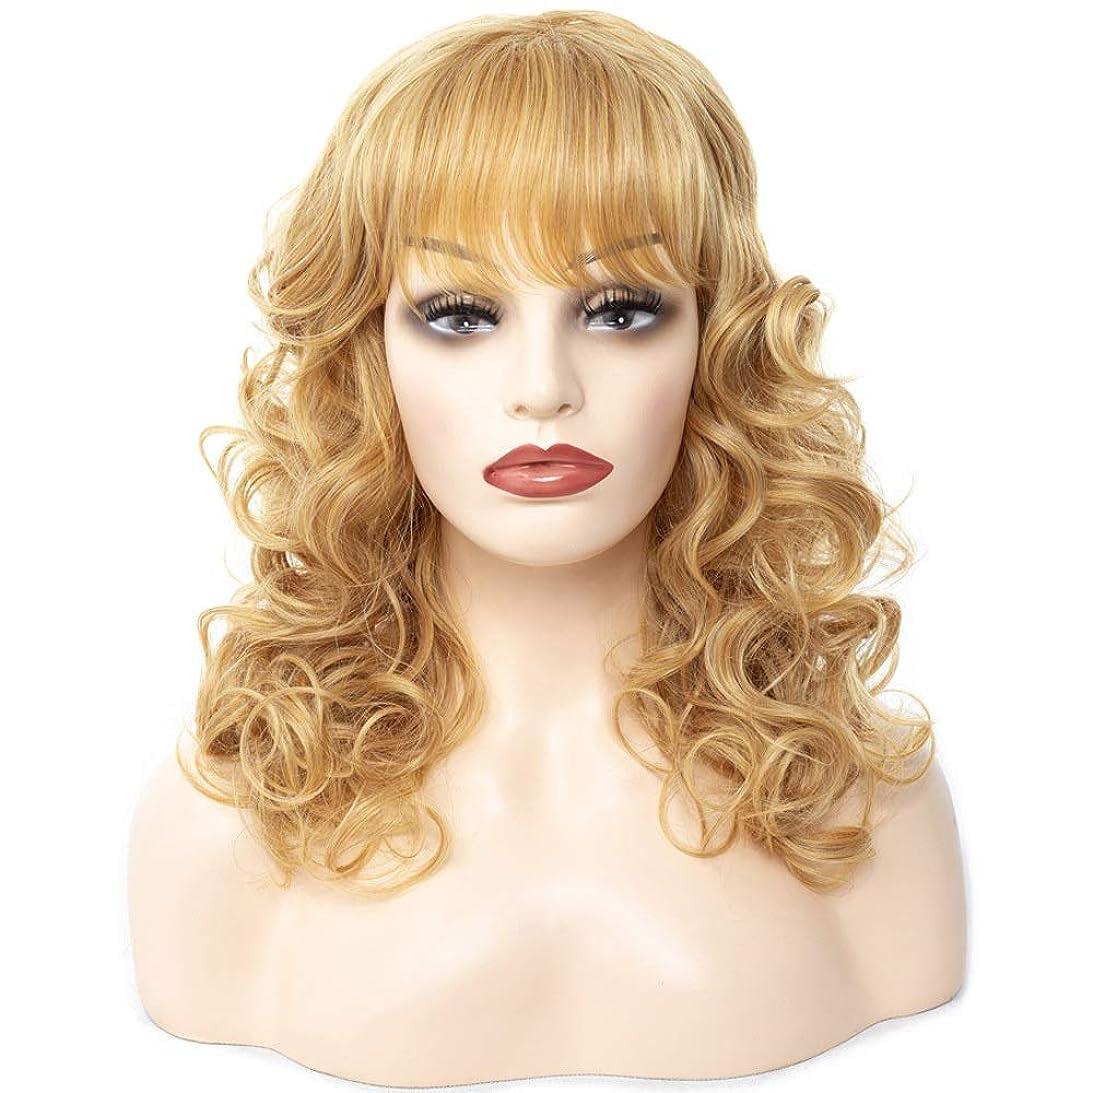 立場速記ペックHOHYLLYA 女性のための前髪の黄色の長い巻き毛のかつら、合成のかつら、コスプレ衣装または毎日のかつらパーティーかつら (色 : イエロー, サイズ : 45cm)